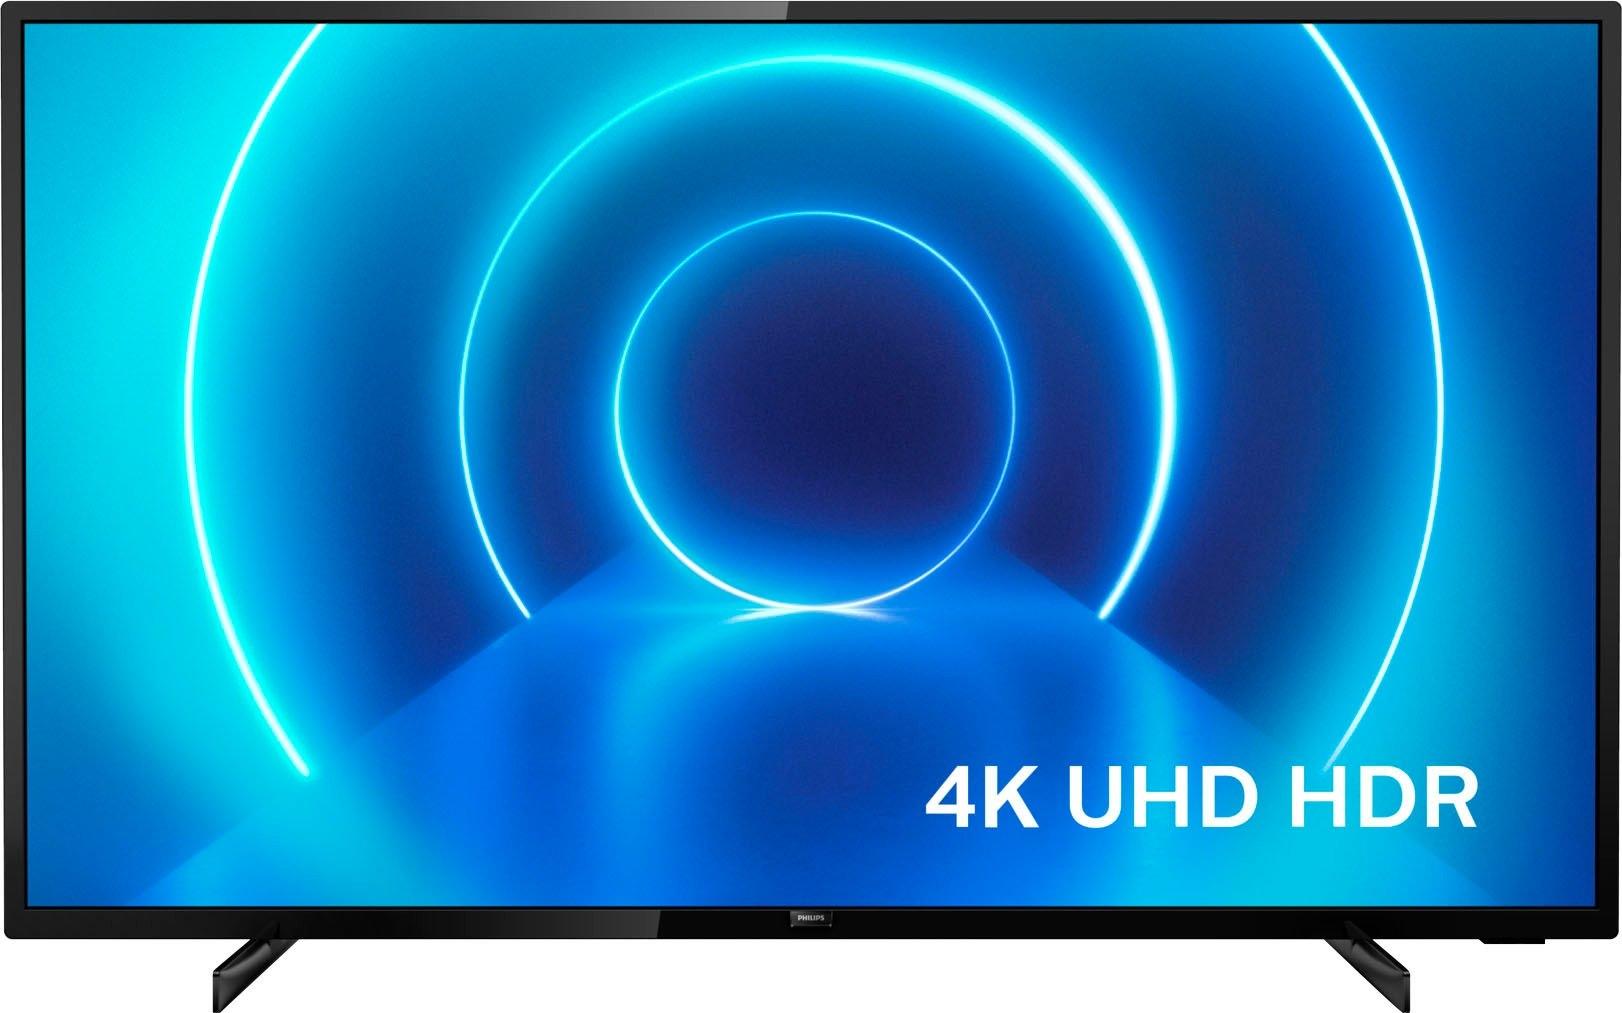 Philips LED-TV 70PUS7505/12, 178 cm / 70